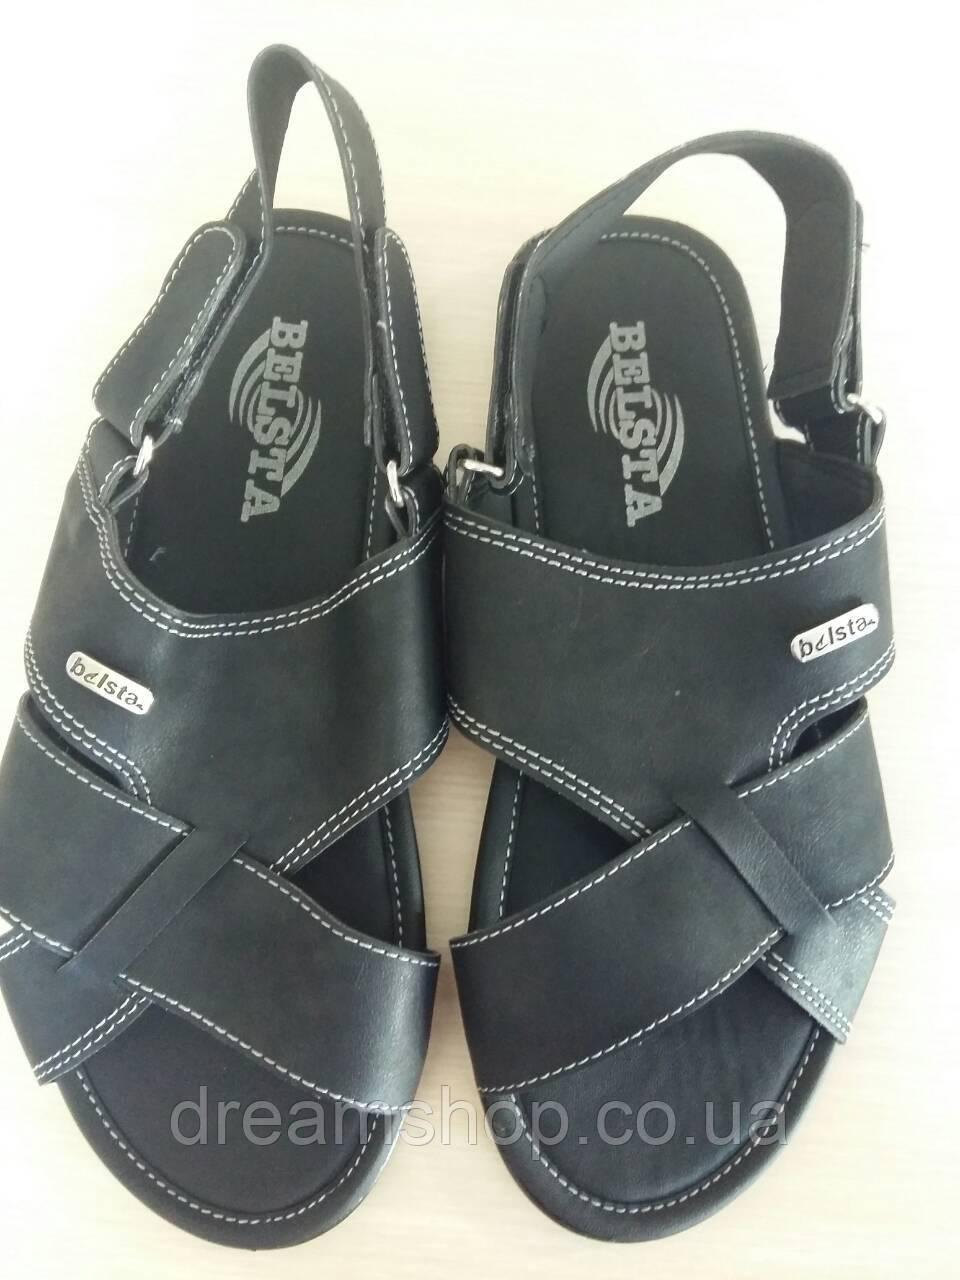 c61091c25 Мужские летние сандали Белста , цена 250 грн., купить Гусятин — Prom.ua  (ID#705242483)